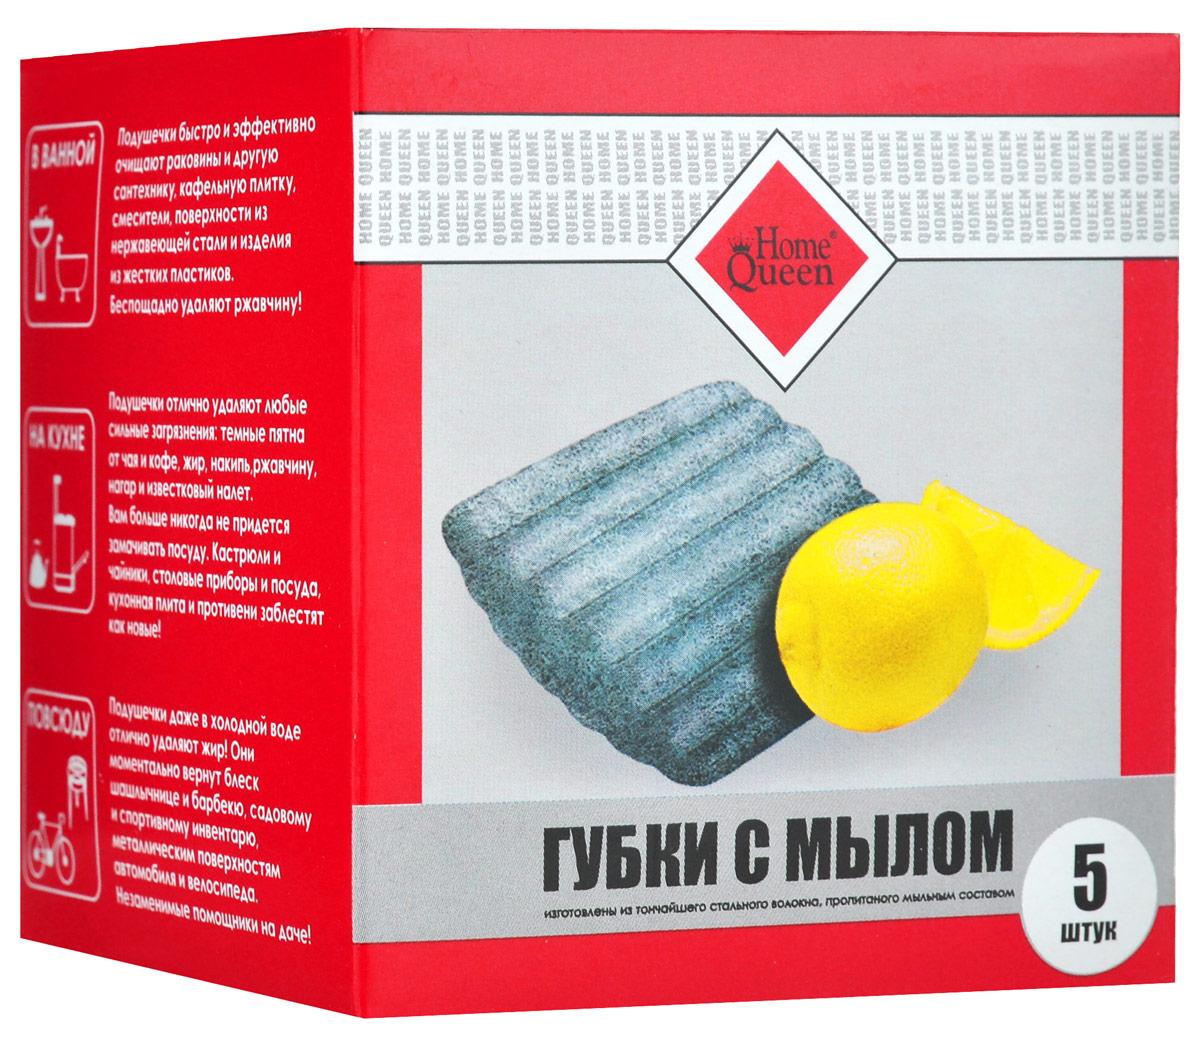 Губки с мылом Home Queen, с ароматом лимона, 5 шт41_лимонГубки с мылом Home Queen идеально очищают сложные загрязнения, такие как: ржавчина, известковый налет, пригоревший жир, накипь. В наборе - 5 губок, изготовленных из тончайшего стального волокна. Мыло содержит тензиды, растворяющие жир, и пальмовое масло, которое заботиться о ваших руках. Губки Home Queen - экологически чистый продукт. Его чистящие и моющие компоненты разлагаются биологическим путем. Состав: ультратонкое стальное волокно, мыло, пальмовое масло, ароматические вещества. Размер губки: 6 см х 6 см х 1,5 см.BR> Уважаемые клиенты! Обращаем ваше внимание на возможные изменения в дизайне упаковки. Качественные характеристики товара остаются неизменными. Поставка осуществляется в зависимости от наличия на складе.